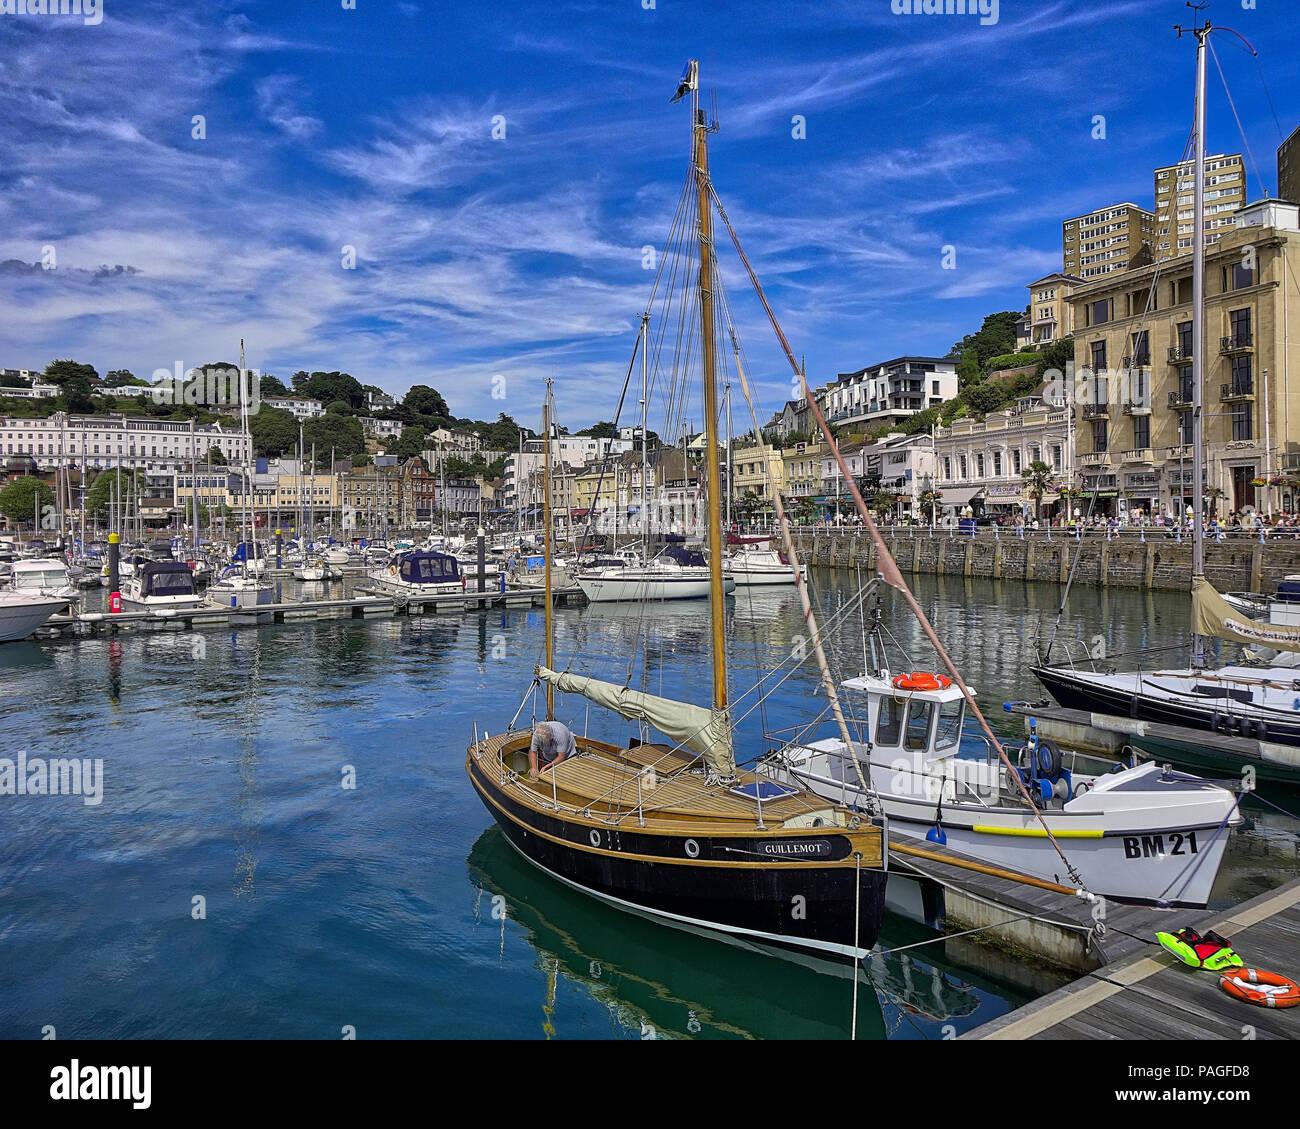 GB - DEVON: trafficato porto interno a Torquay (immagine HDR) Immagini Stock